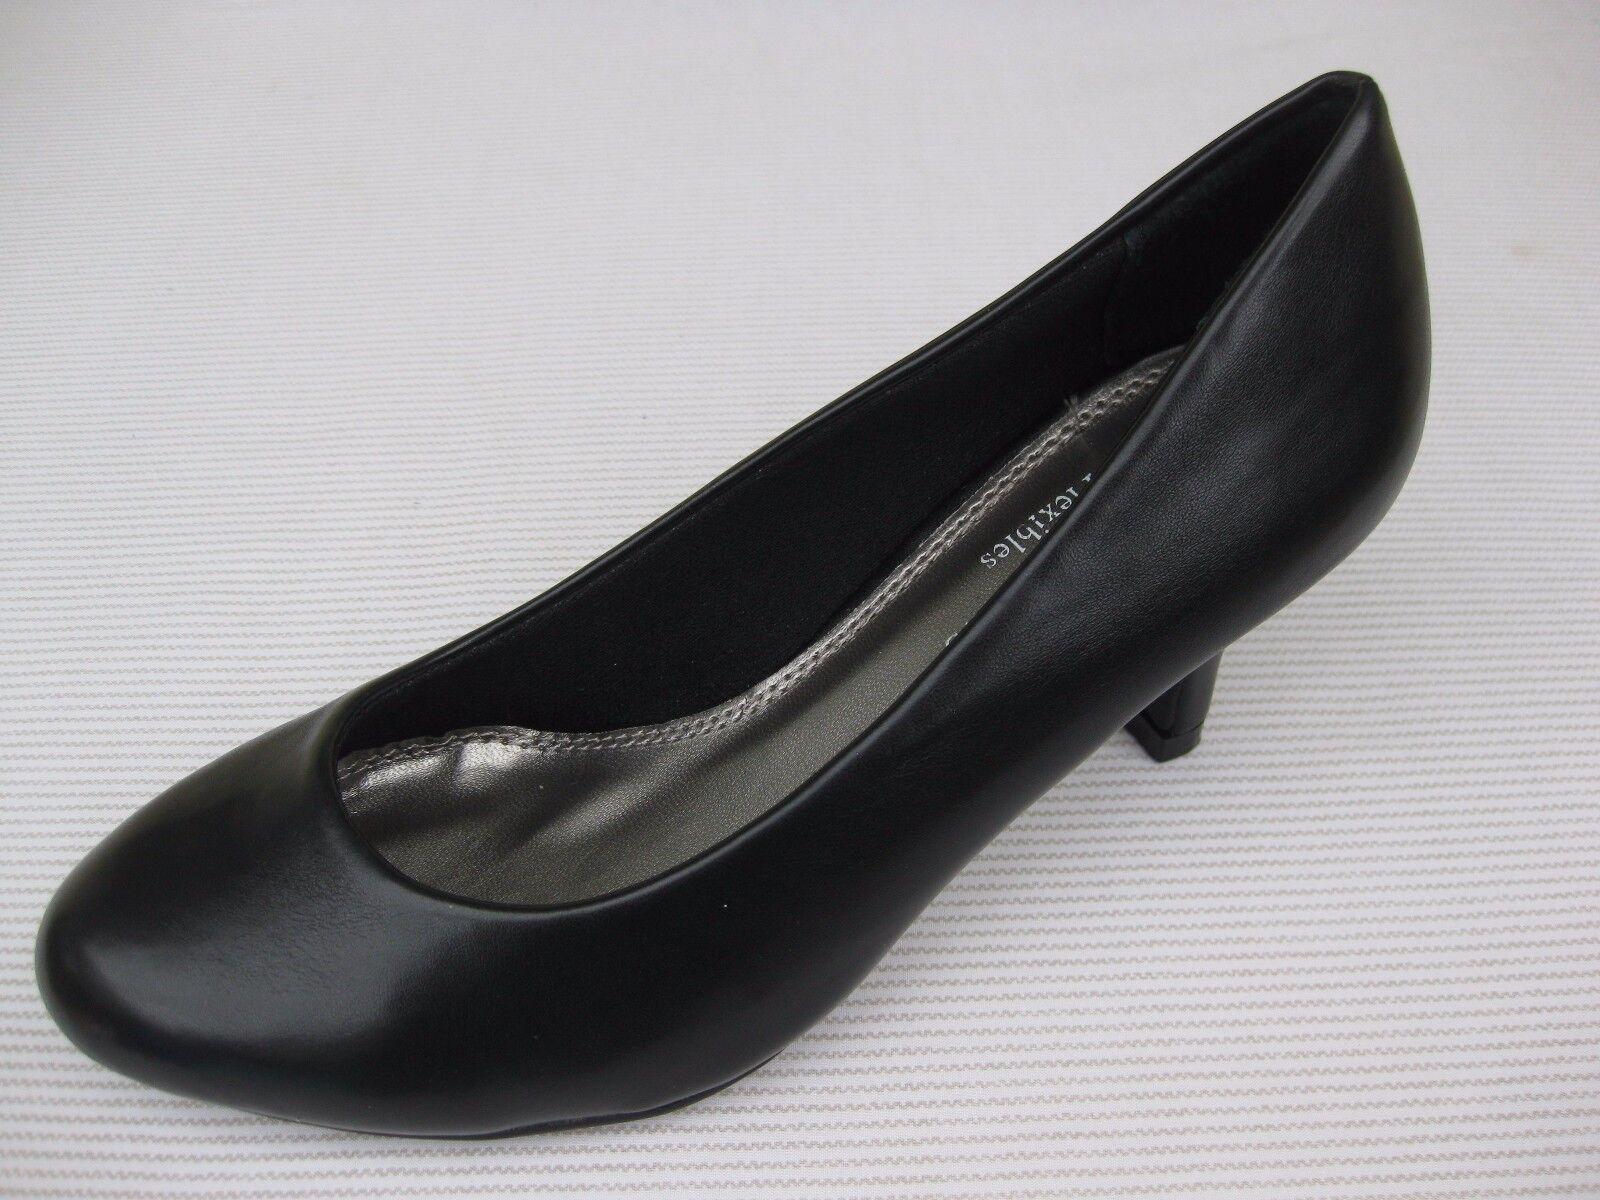 Pierre Dumas Flexibles Womens Shoes NEW Pump $44 Lola Black Smooth Pump NEW 9 M 06ffb2